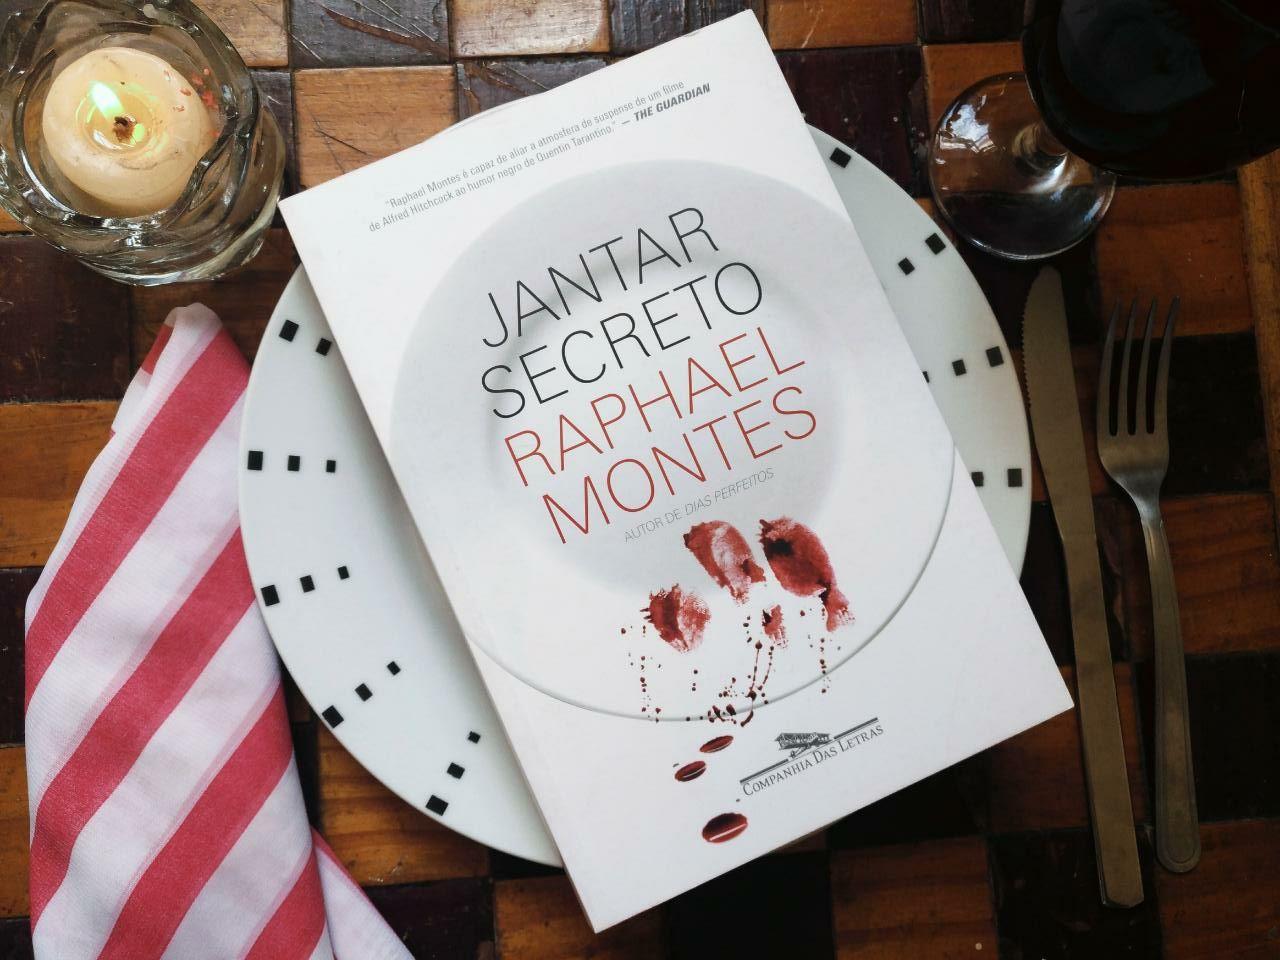 RESENHA DE LIVRO: JANTAR SECRETO - RAPHAEL MONTES